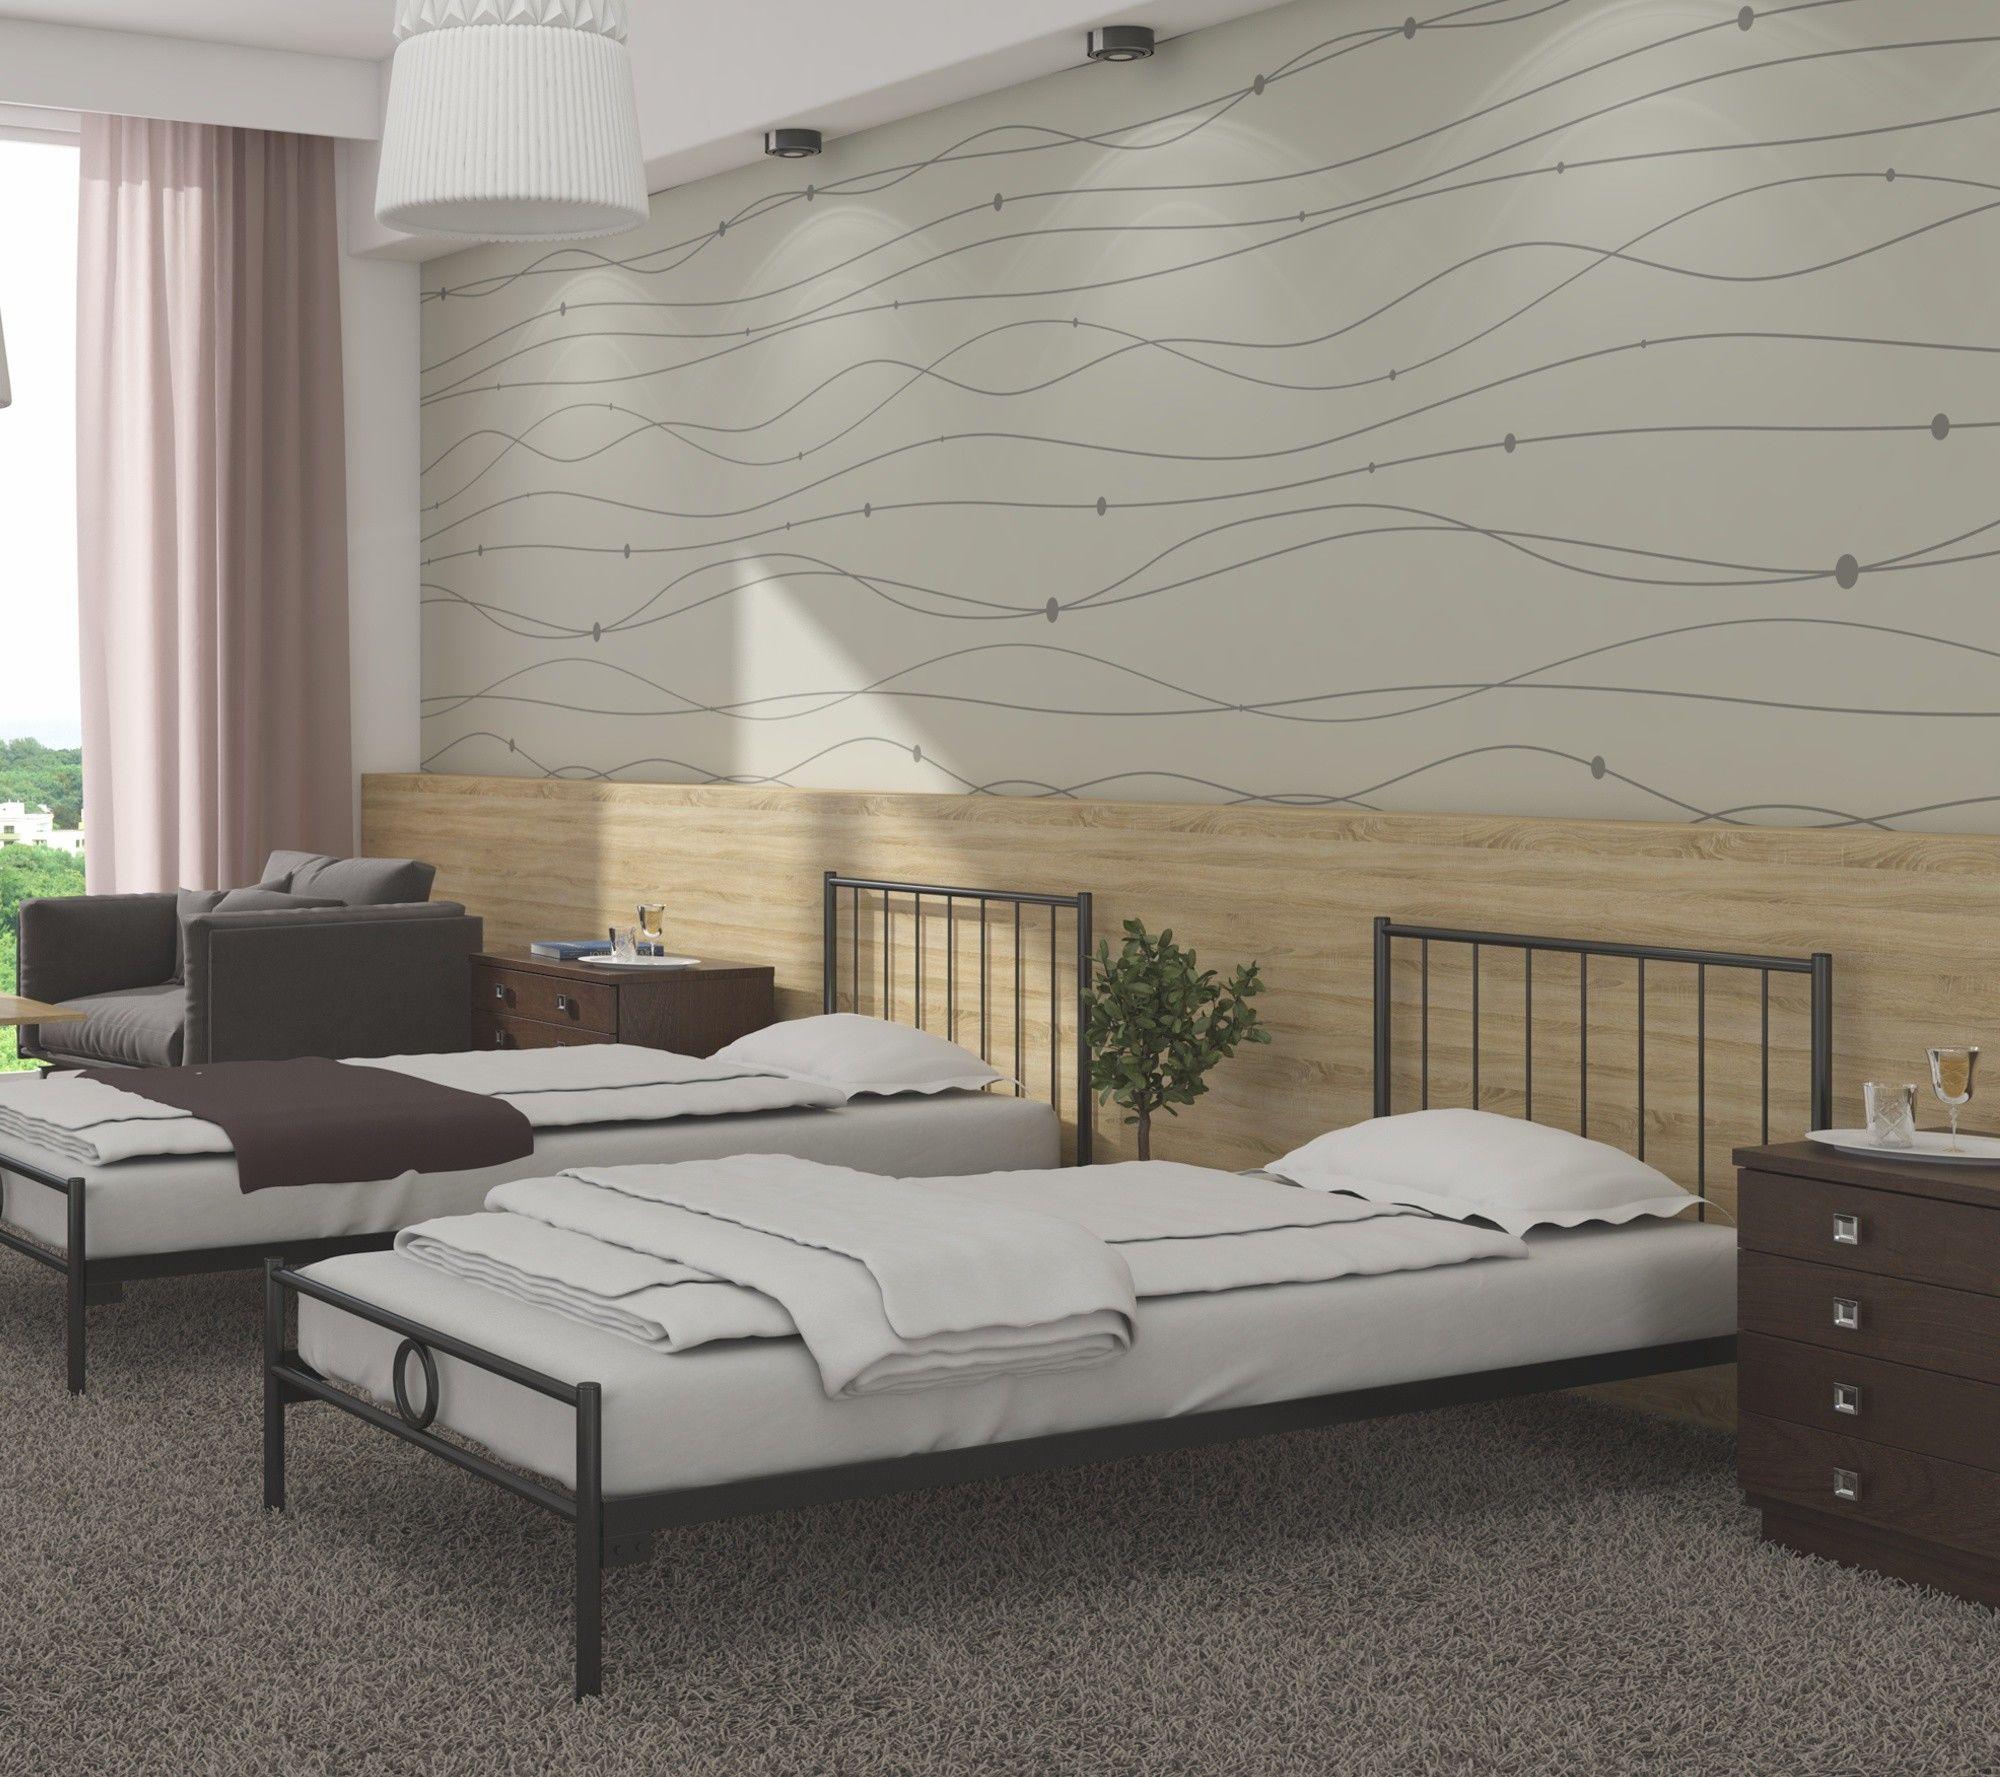 Łóżko metalowe 120x200 wzór 3J ze stelażem pod materac